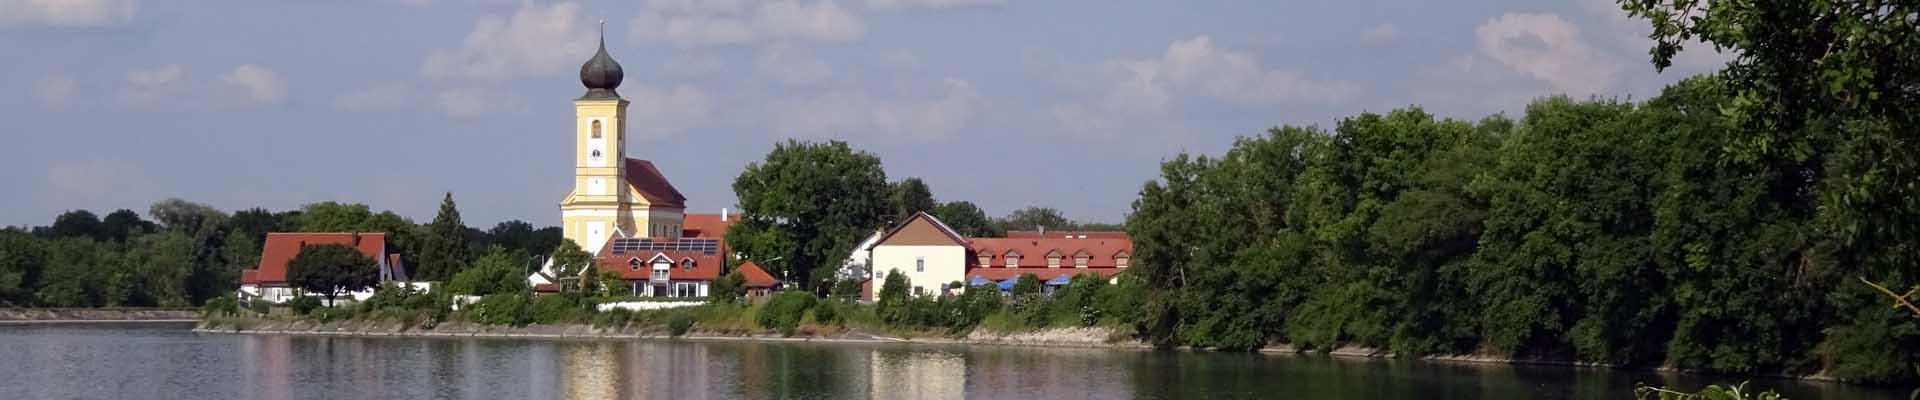 Isar-Donau-Tour - München-Landshut